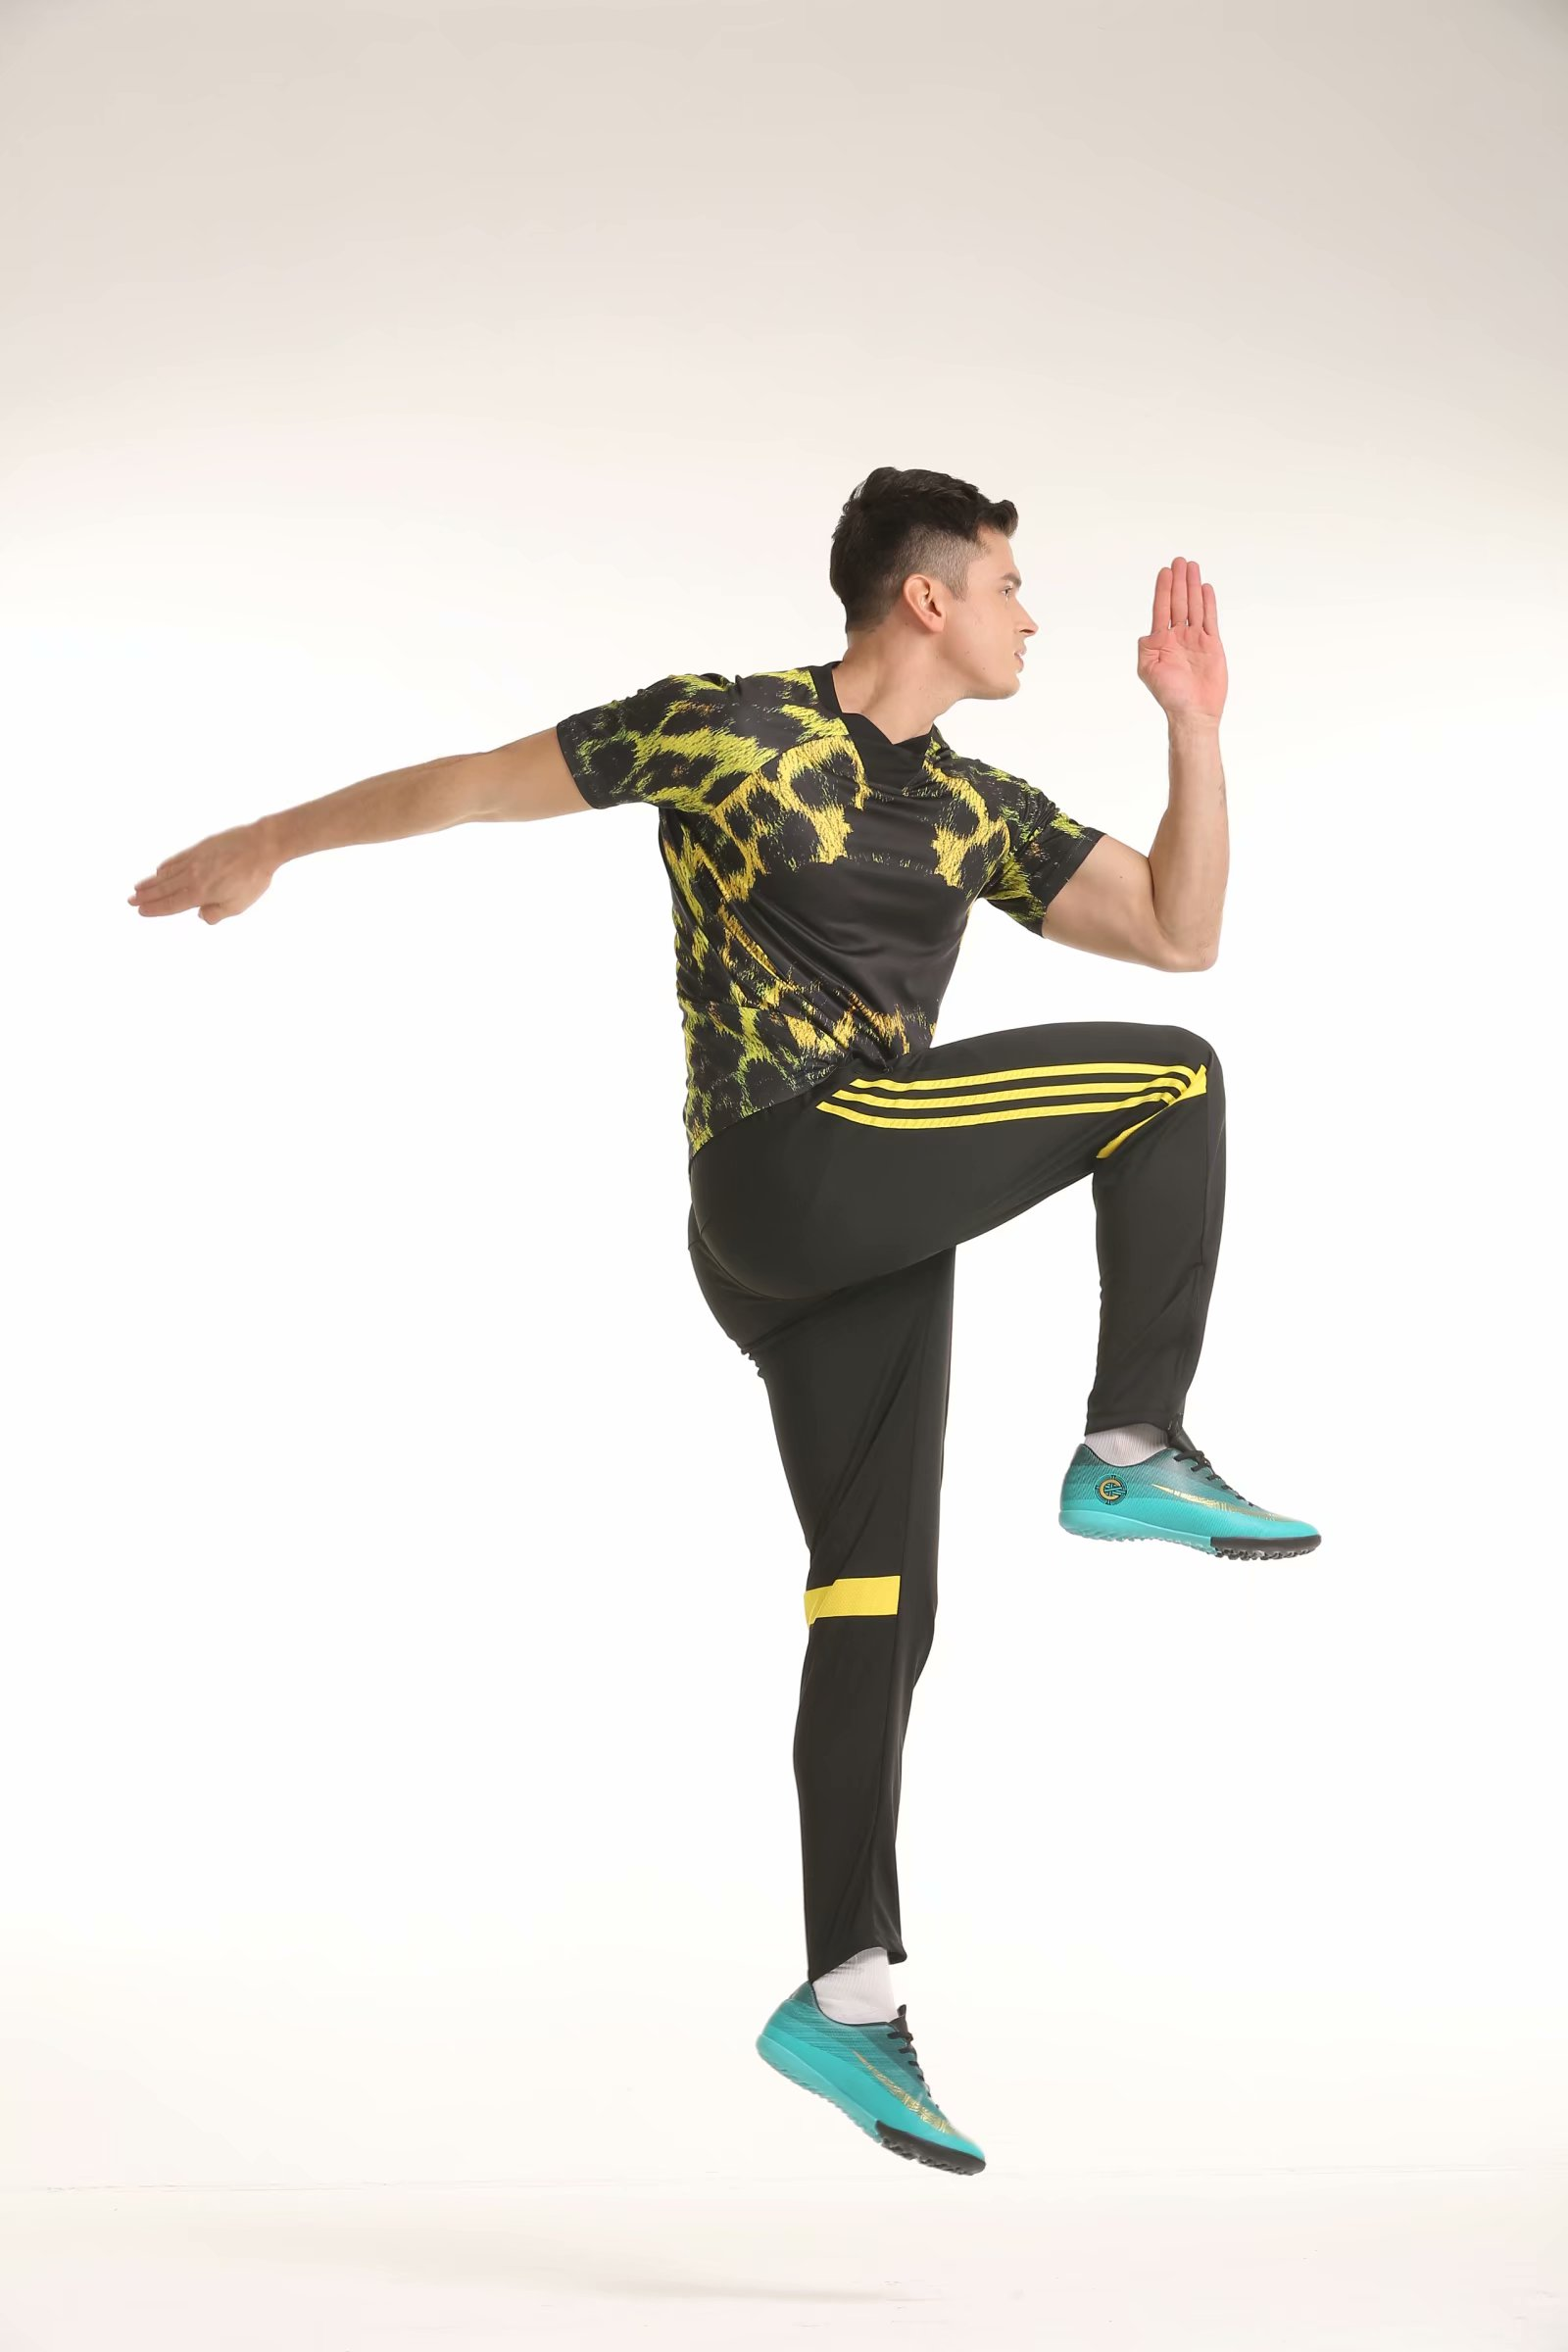 Футбольные тренировочные штаны мужские футбольные штаны из полиэстера с карманом на молнии для бега фитнес тренировки спортивные брюки для бега